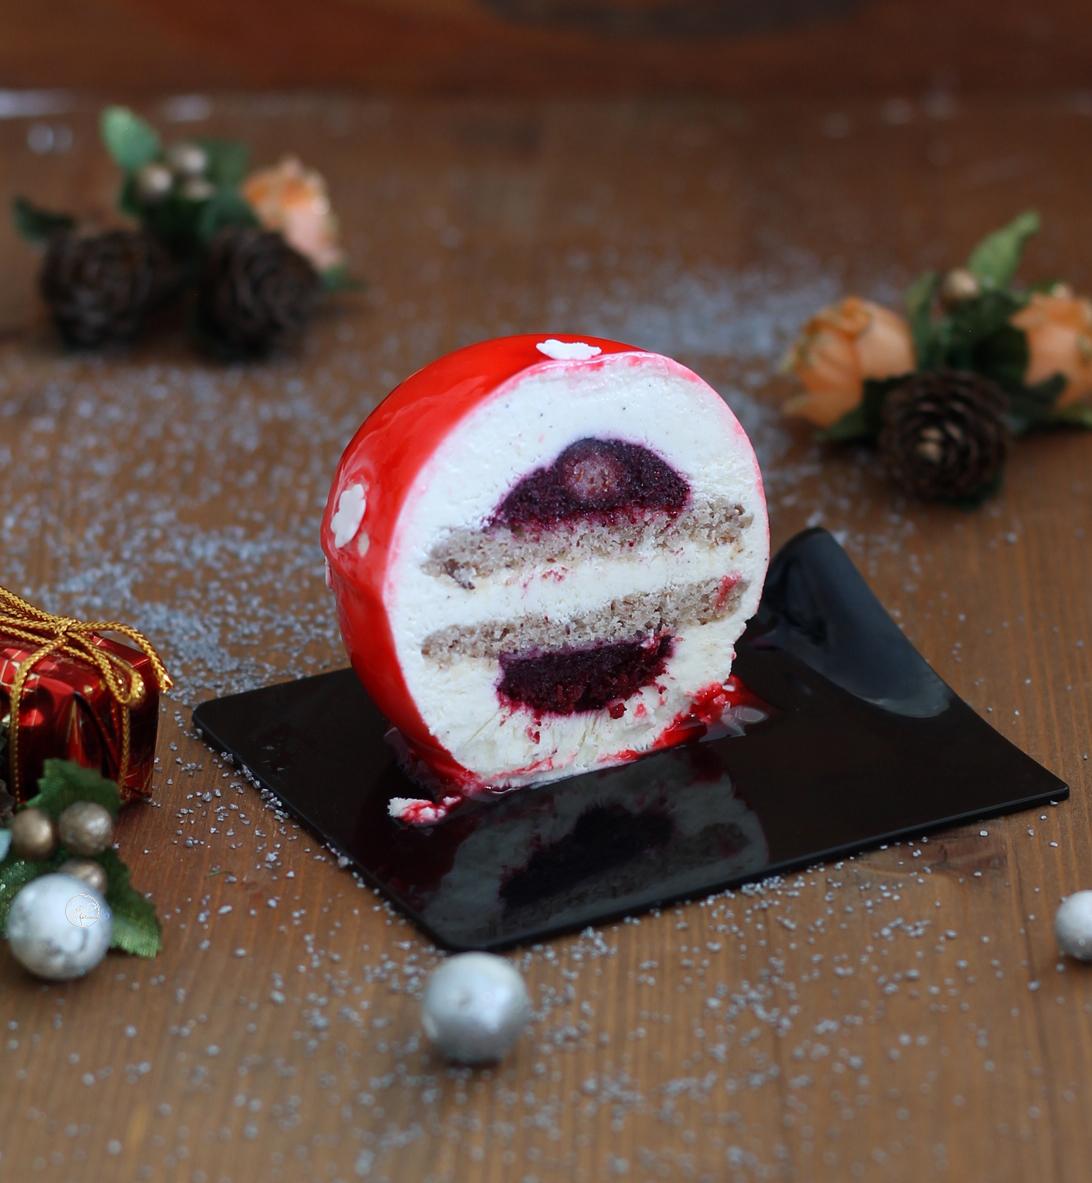 Sfera alla vaniglia con inserto ai frutti di bosco - La Cassata Celiaca